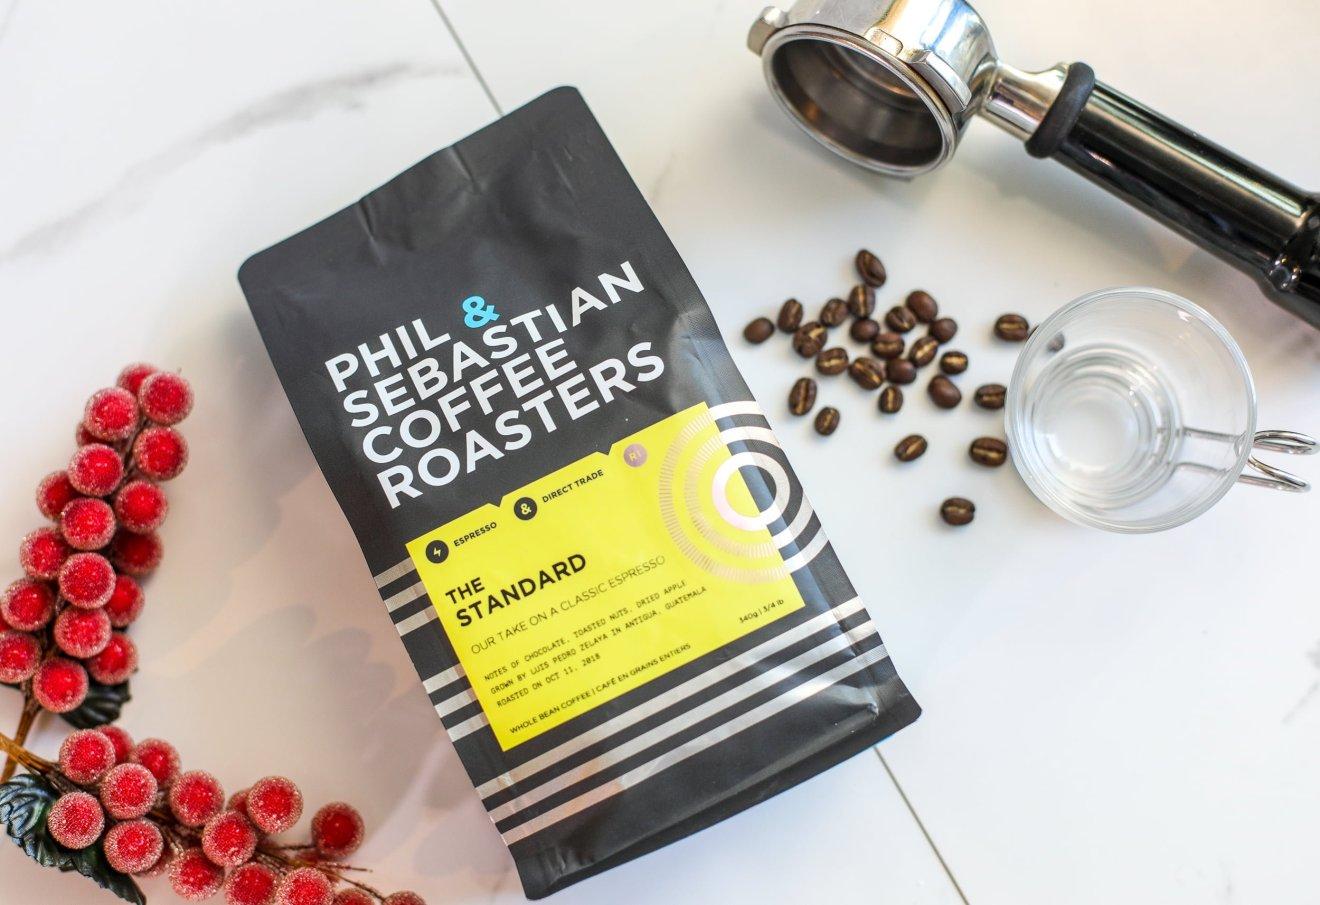 Phil & Sebastian Coffee Roasters subscription